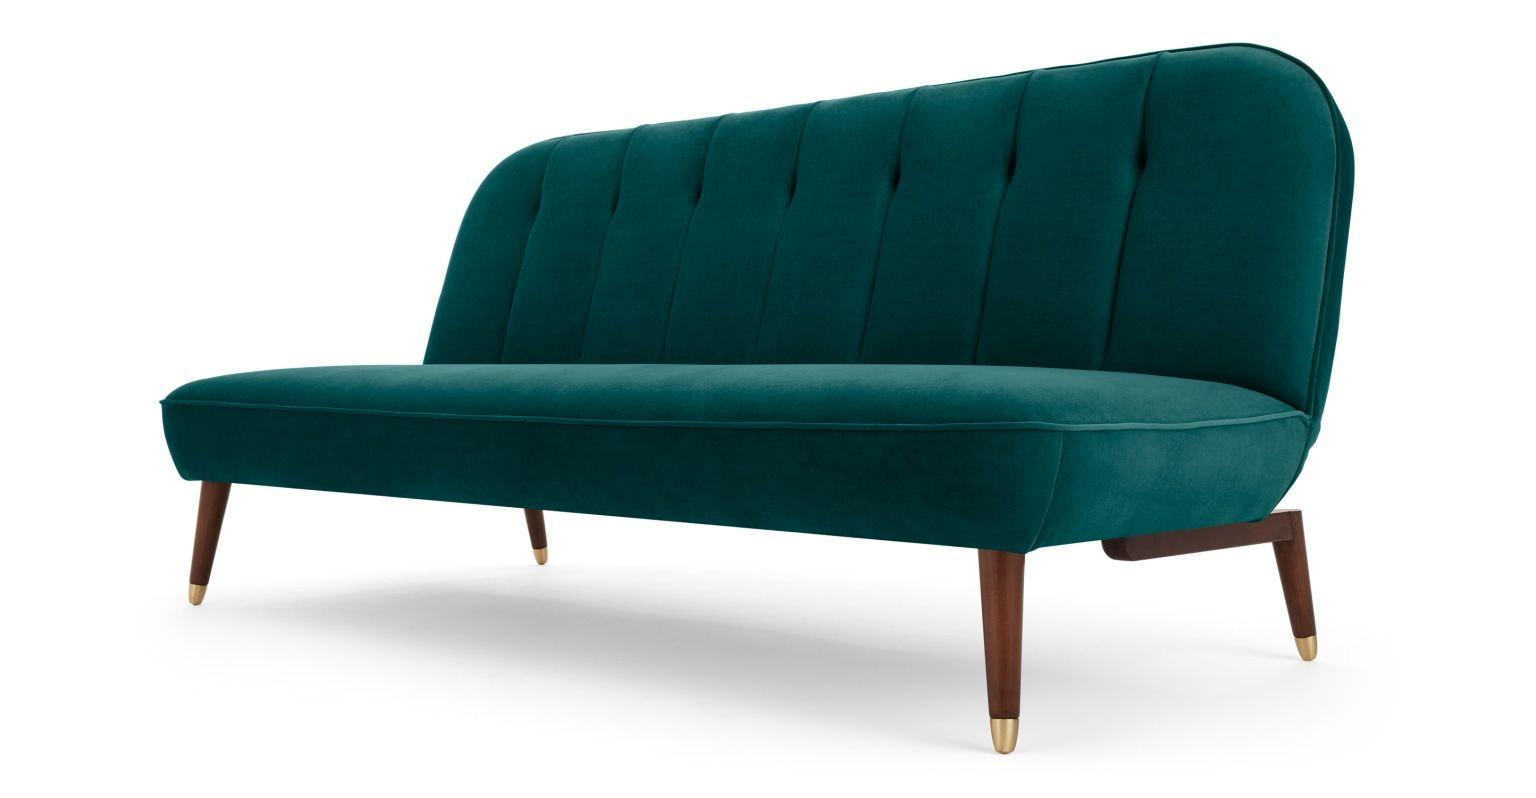 Margot Click Clack Sofa Bed Seafoam Blue Velvet Made Com Sofa Bed Study Furniture Design Sofa